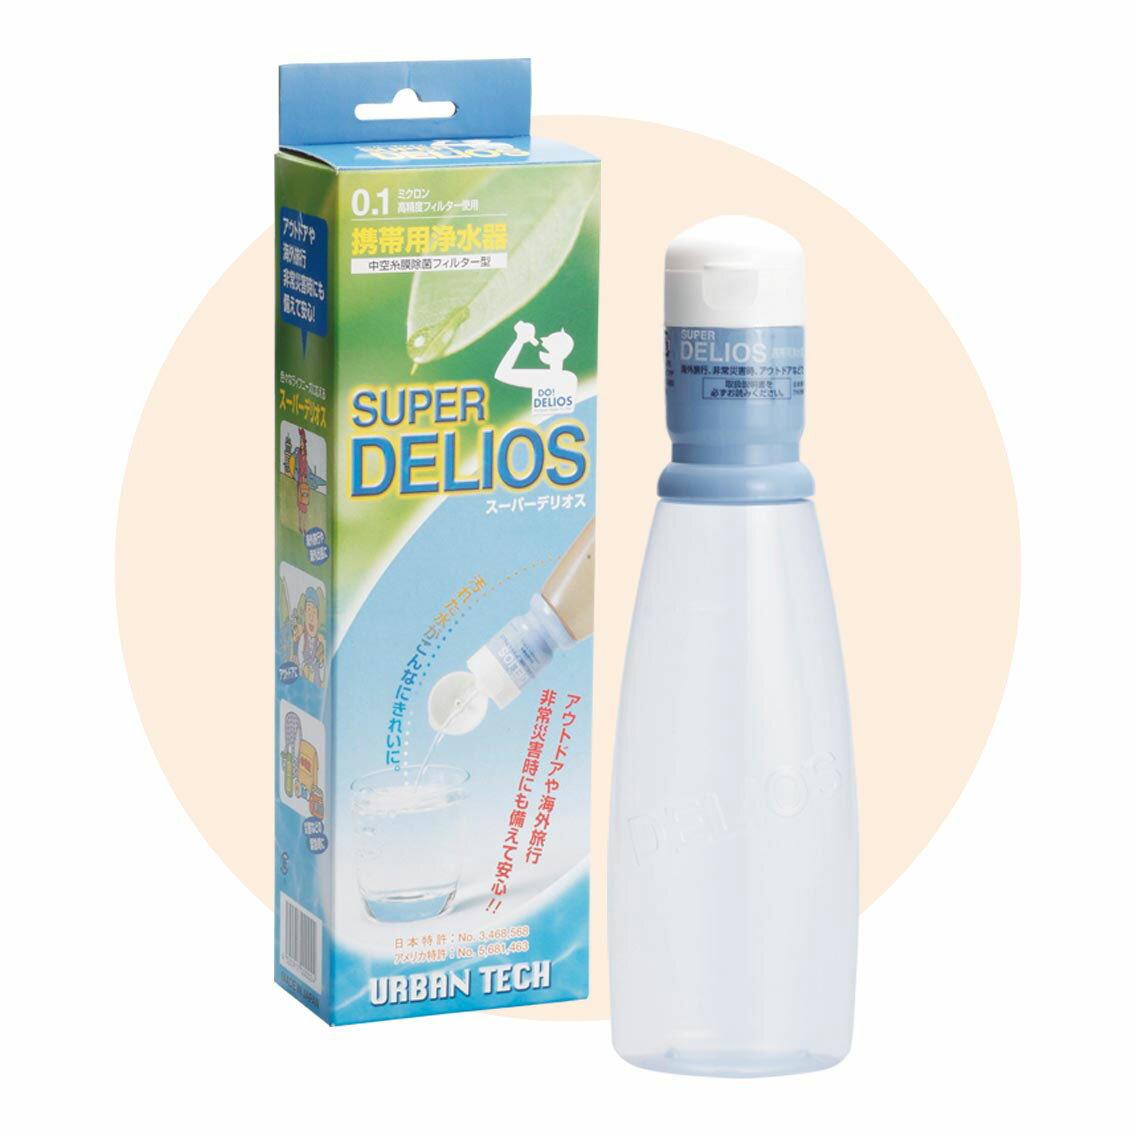 携帯用浄水器 SUPER DELIOS(スーパーデリオス)